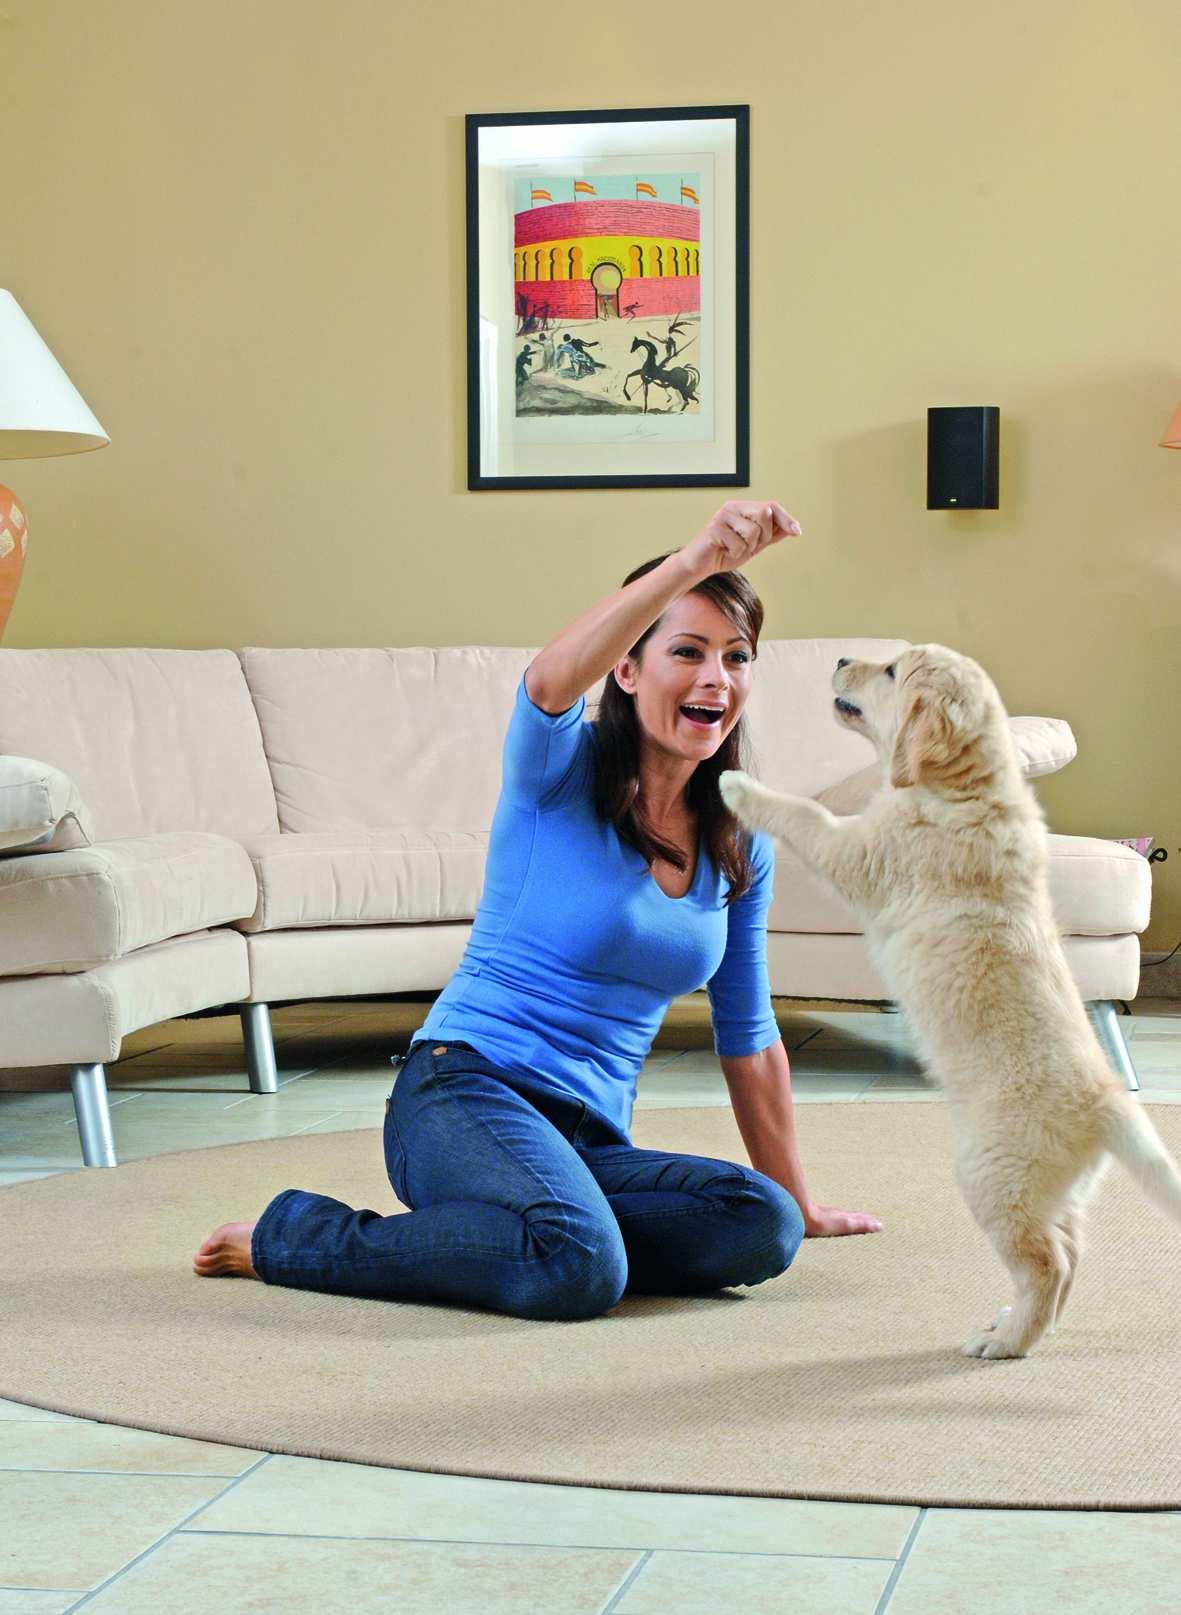 Пылесос для владельцев домашних животных Thomas Pet & Family Plus идеально очистит пространство для всей семьи – пол, мягкую мебель и воздух в доме